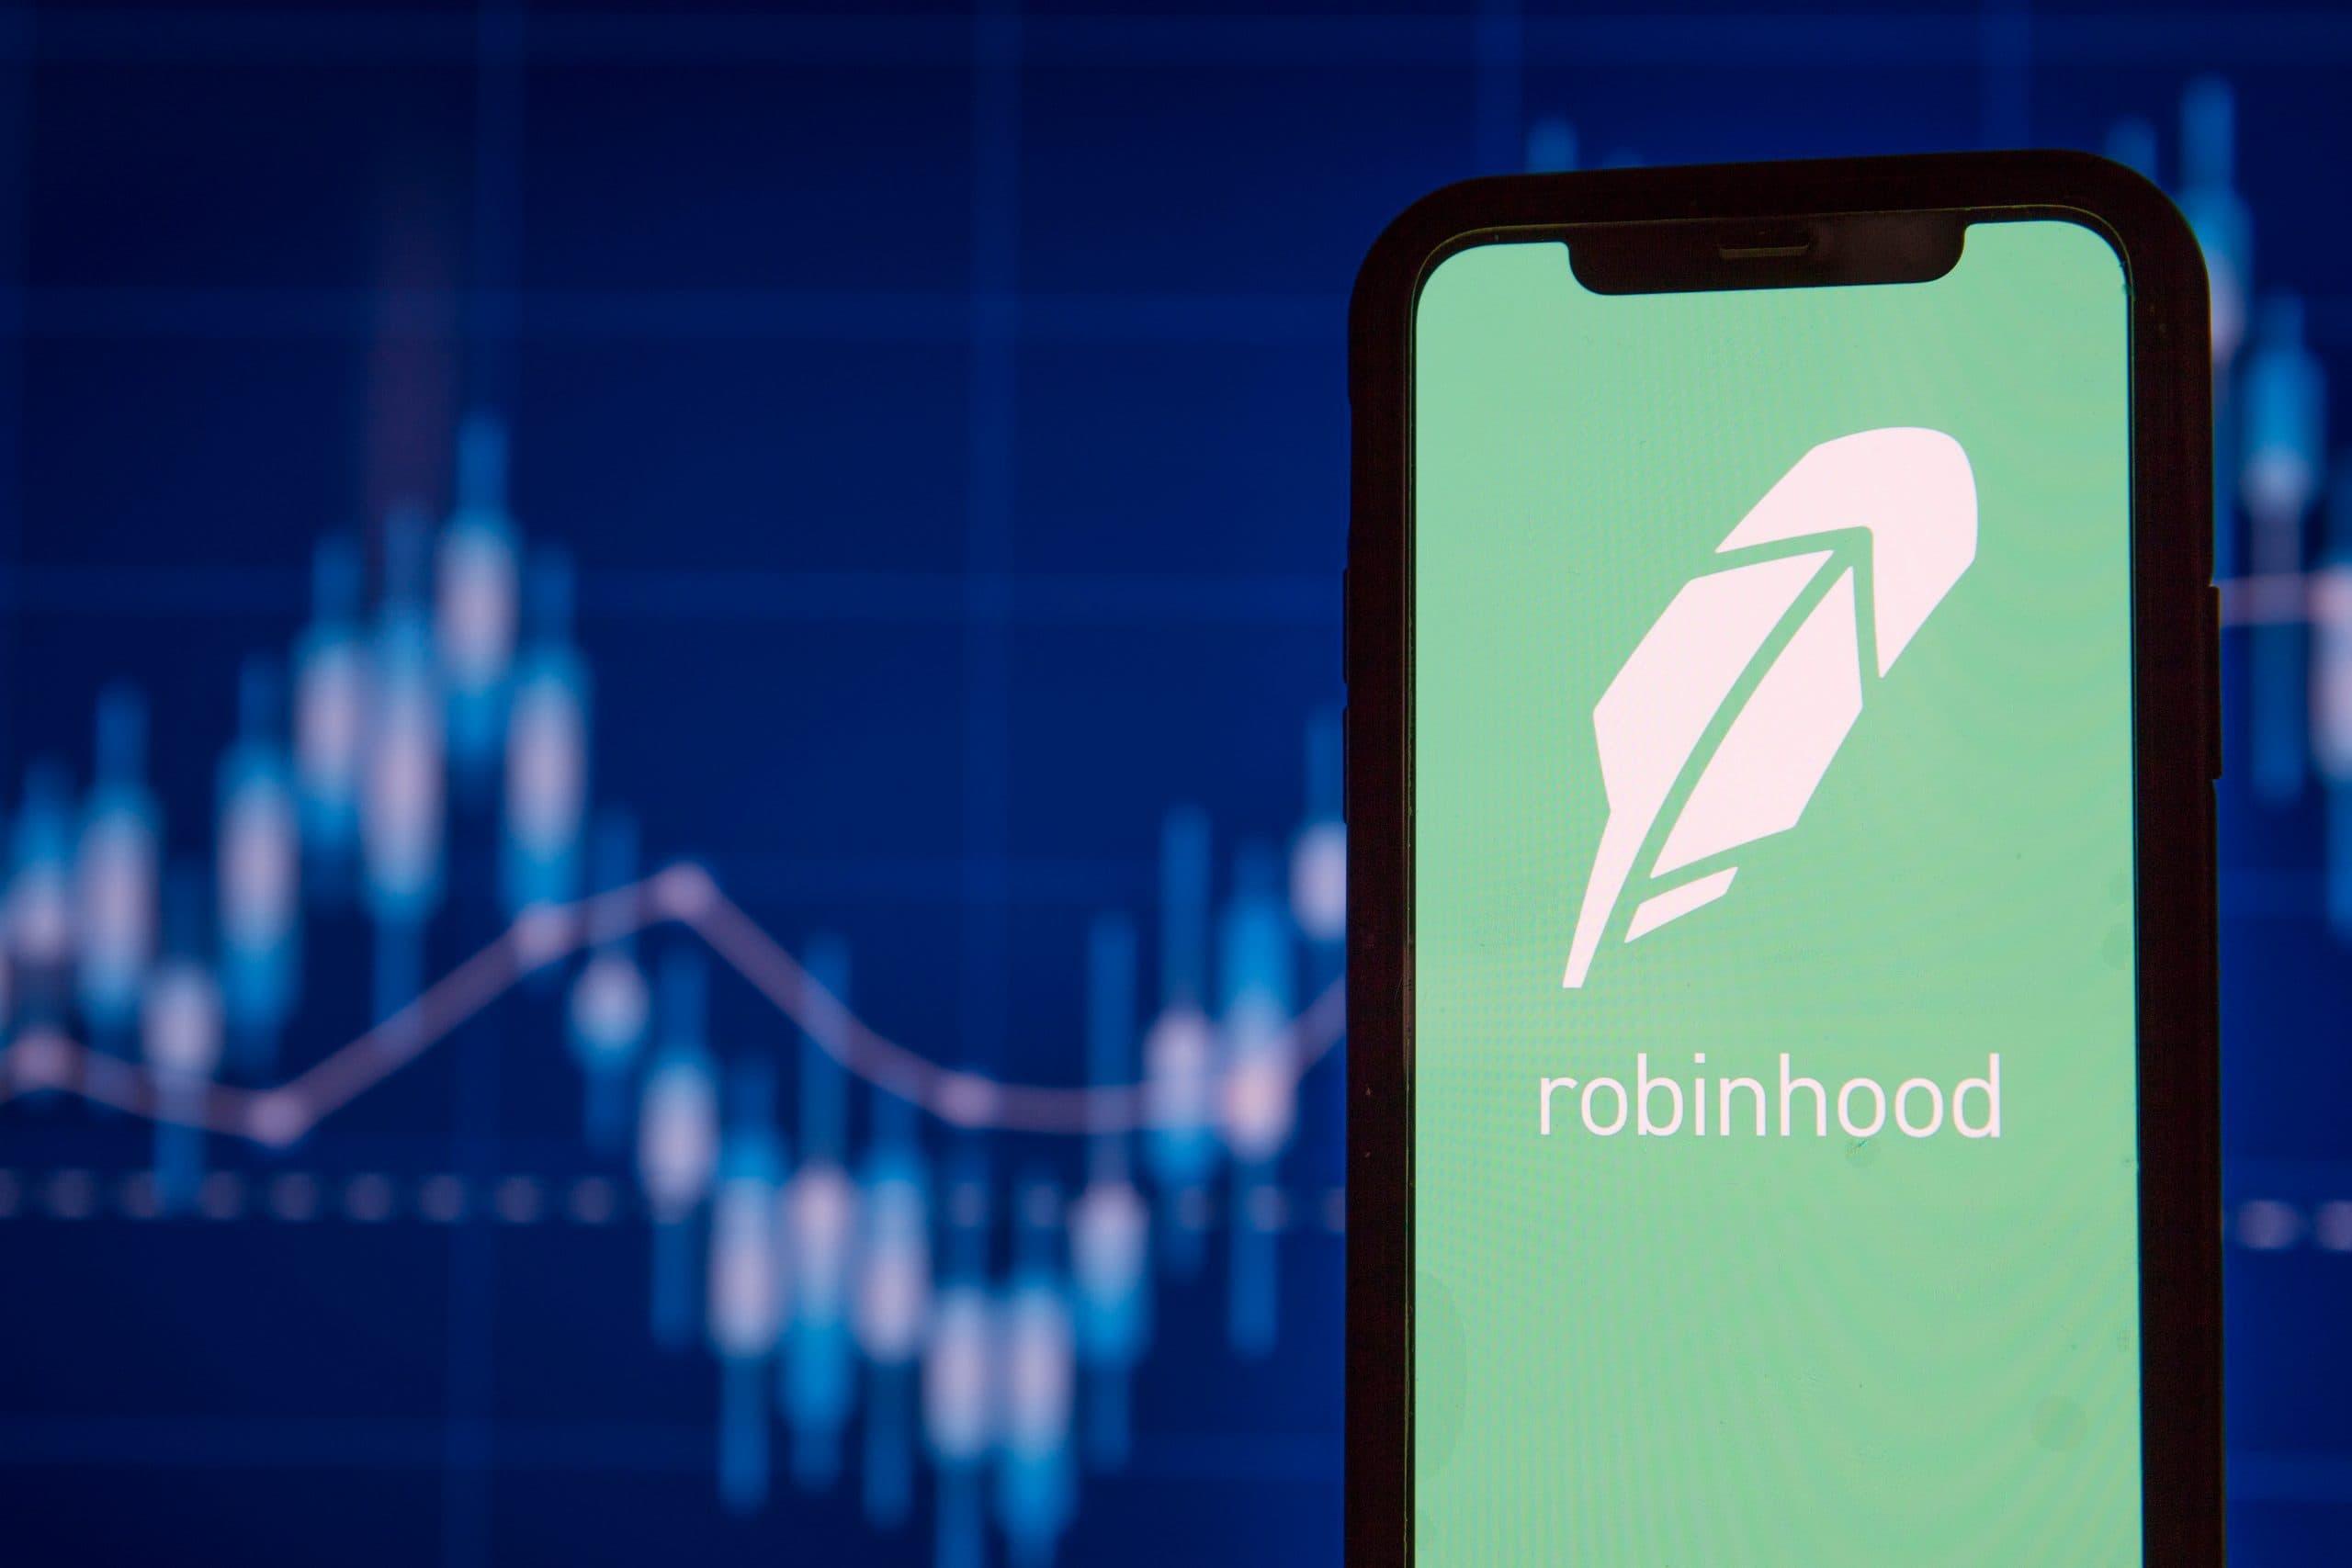 Wie viel ladt die Robinhood fur den Handel von Cryptocurrency?